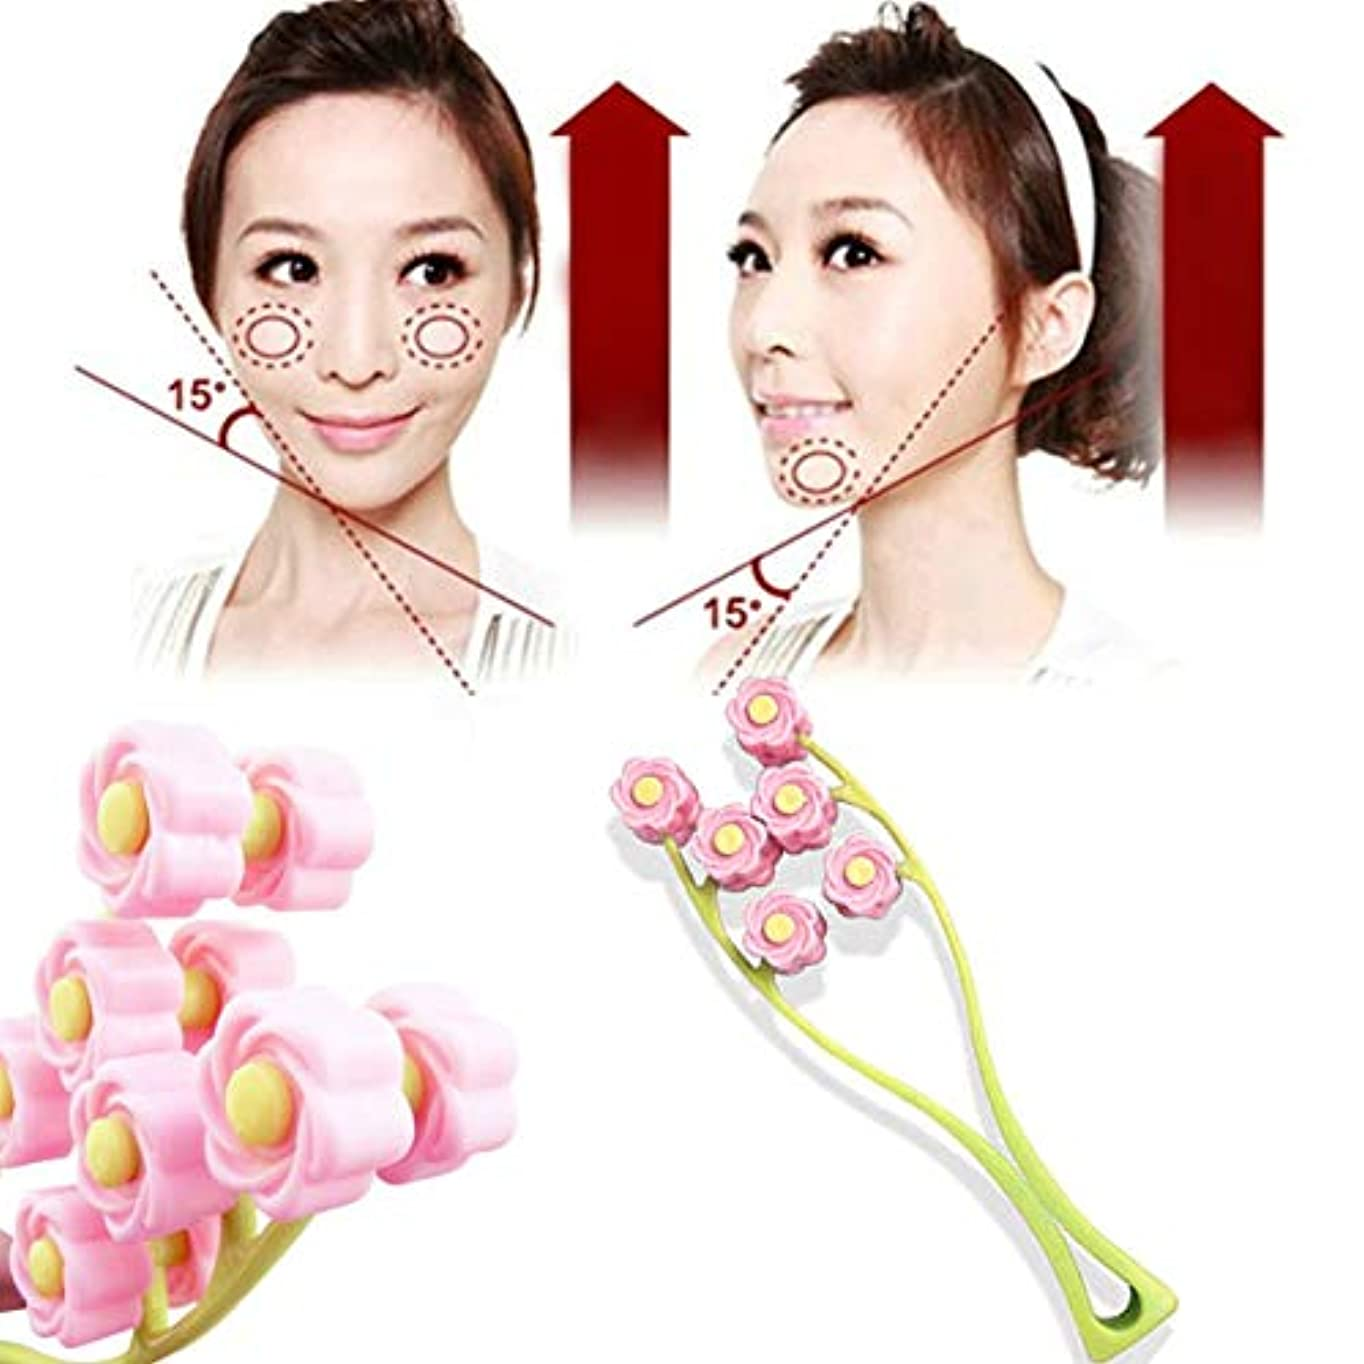 コミュニティエミュレーション敬礼Elegant Flower Shape Portable Facial Massager Roller Anti-Wrinkle Face Lifter Slimming Face Shaper Relaxation...